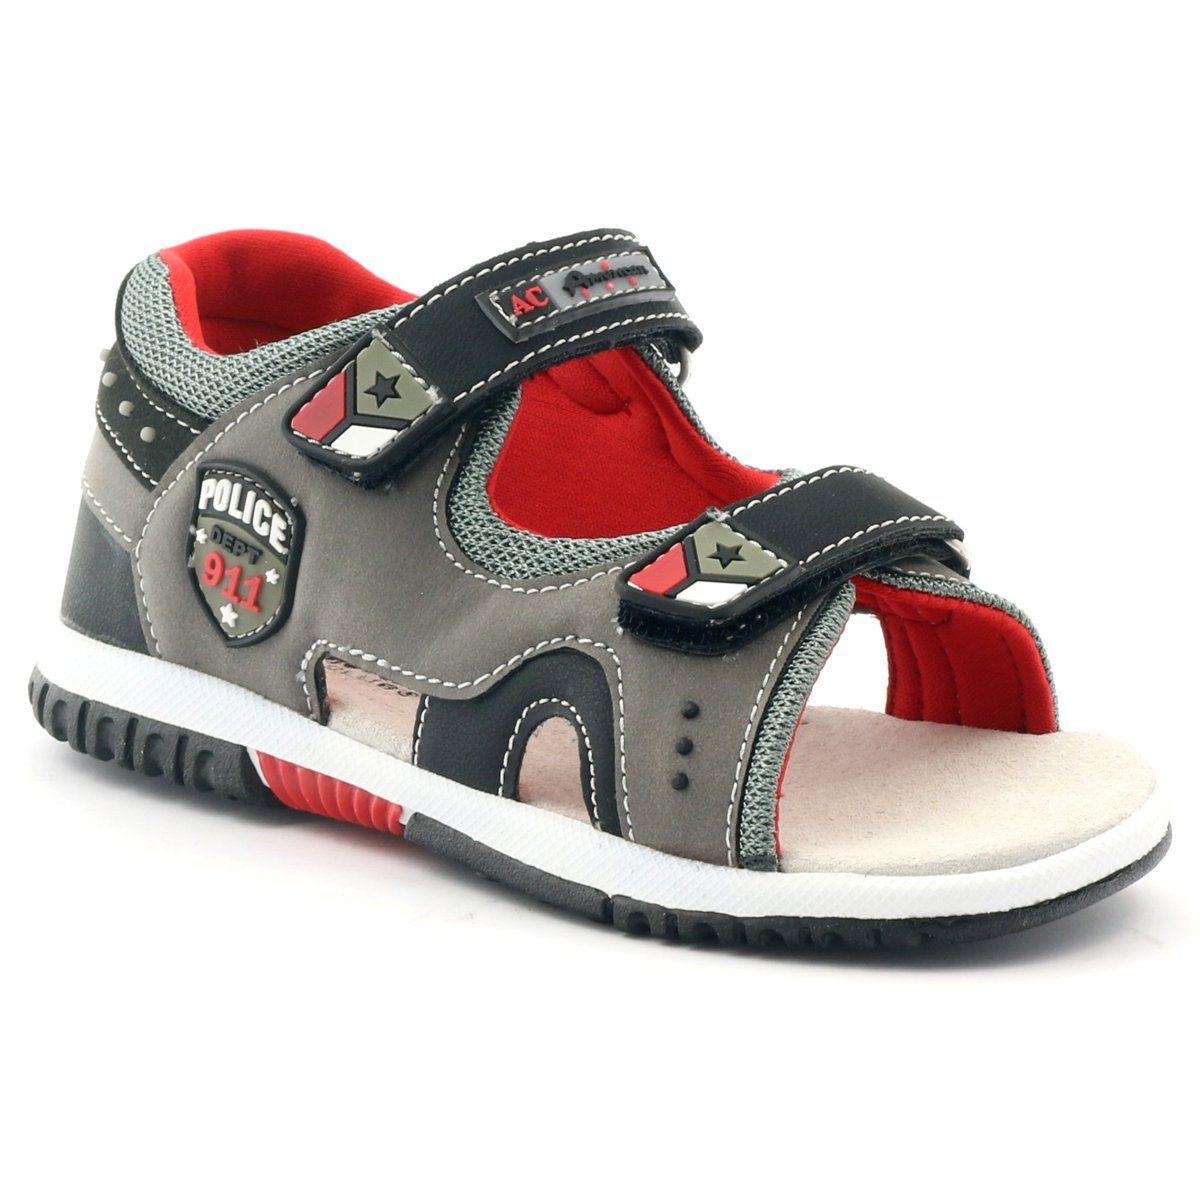 American Club Sandalki Chlopiece Police American 86583 Czerwone Szare Czarne Baby Shoes Sandals Birkenstock